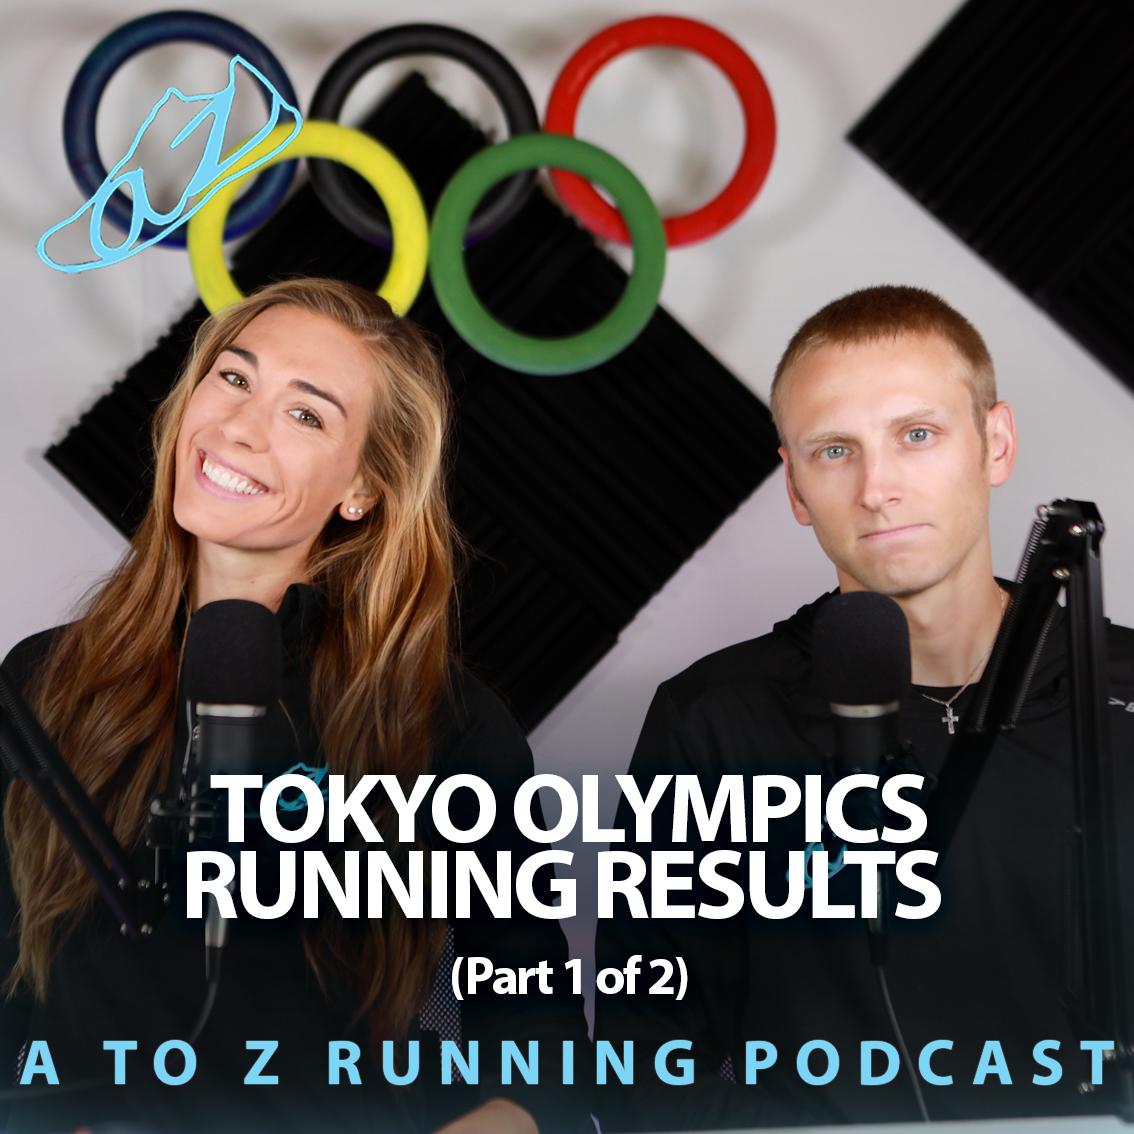 Tokyo Olympics Running Results